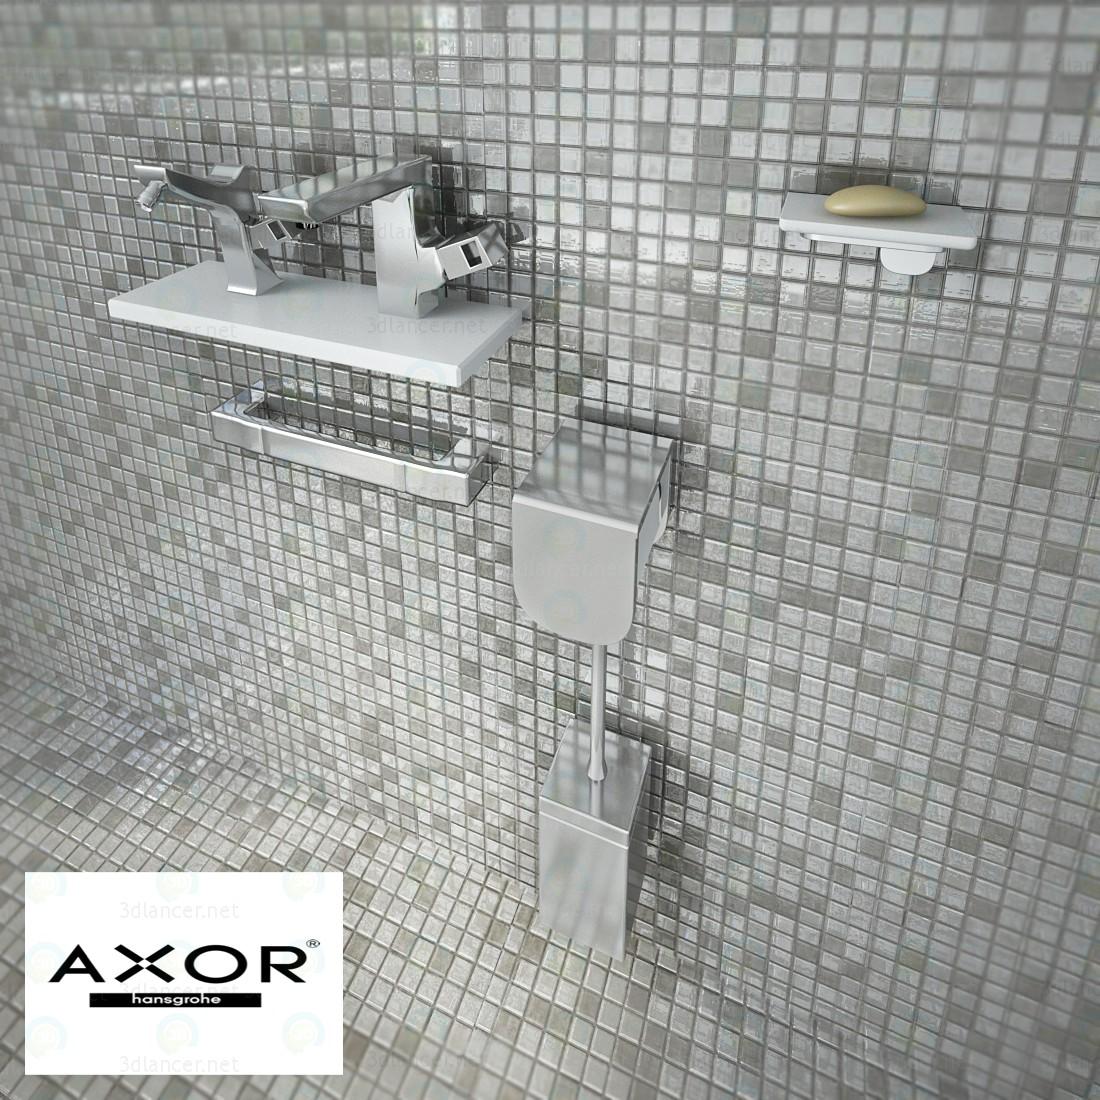 3d Набір Axor urquiola модель купити - зображення